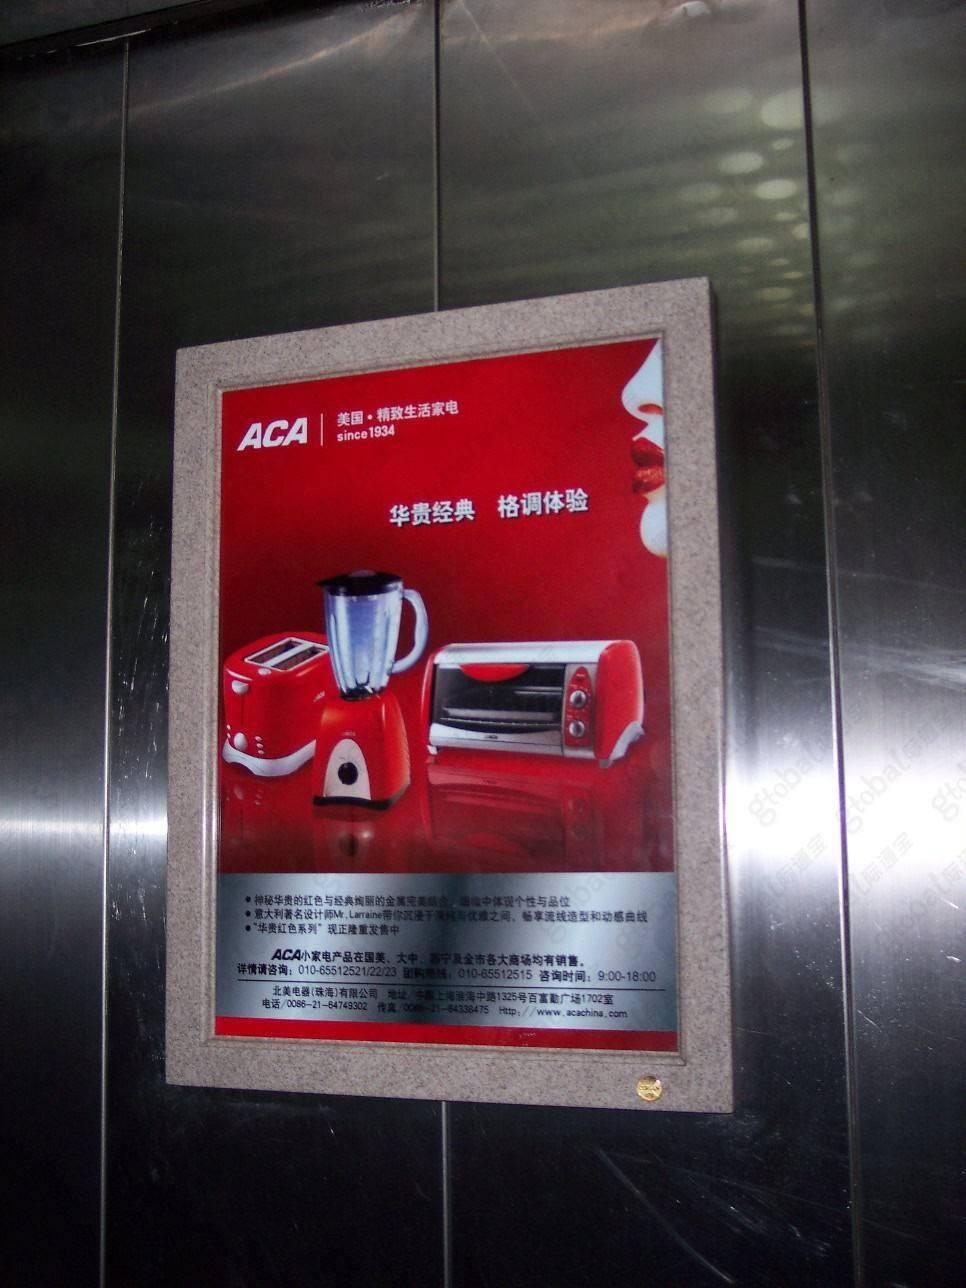 南充电梯广告公司广告牌框架3.0投放(100框起投)